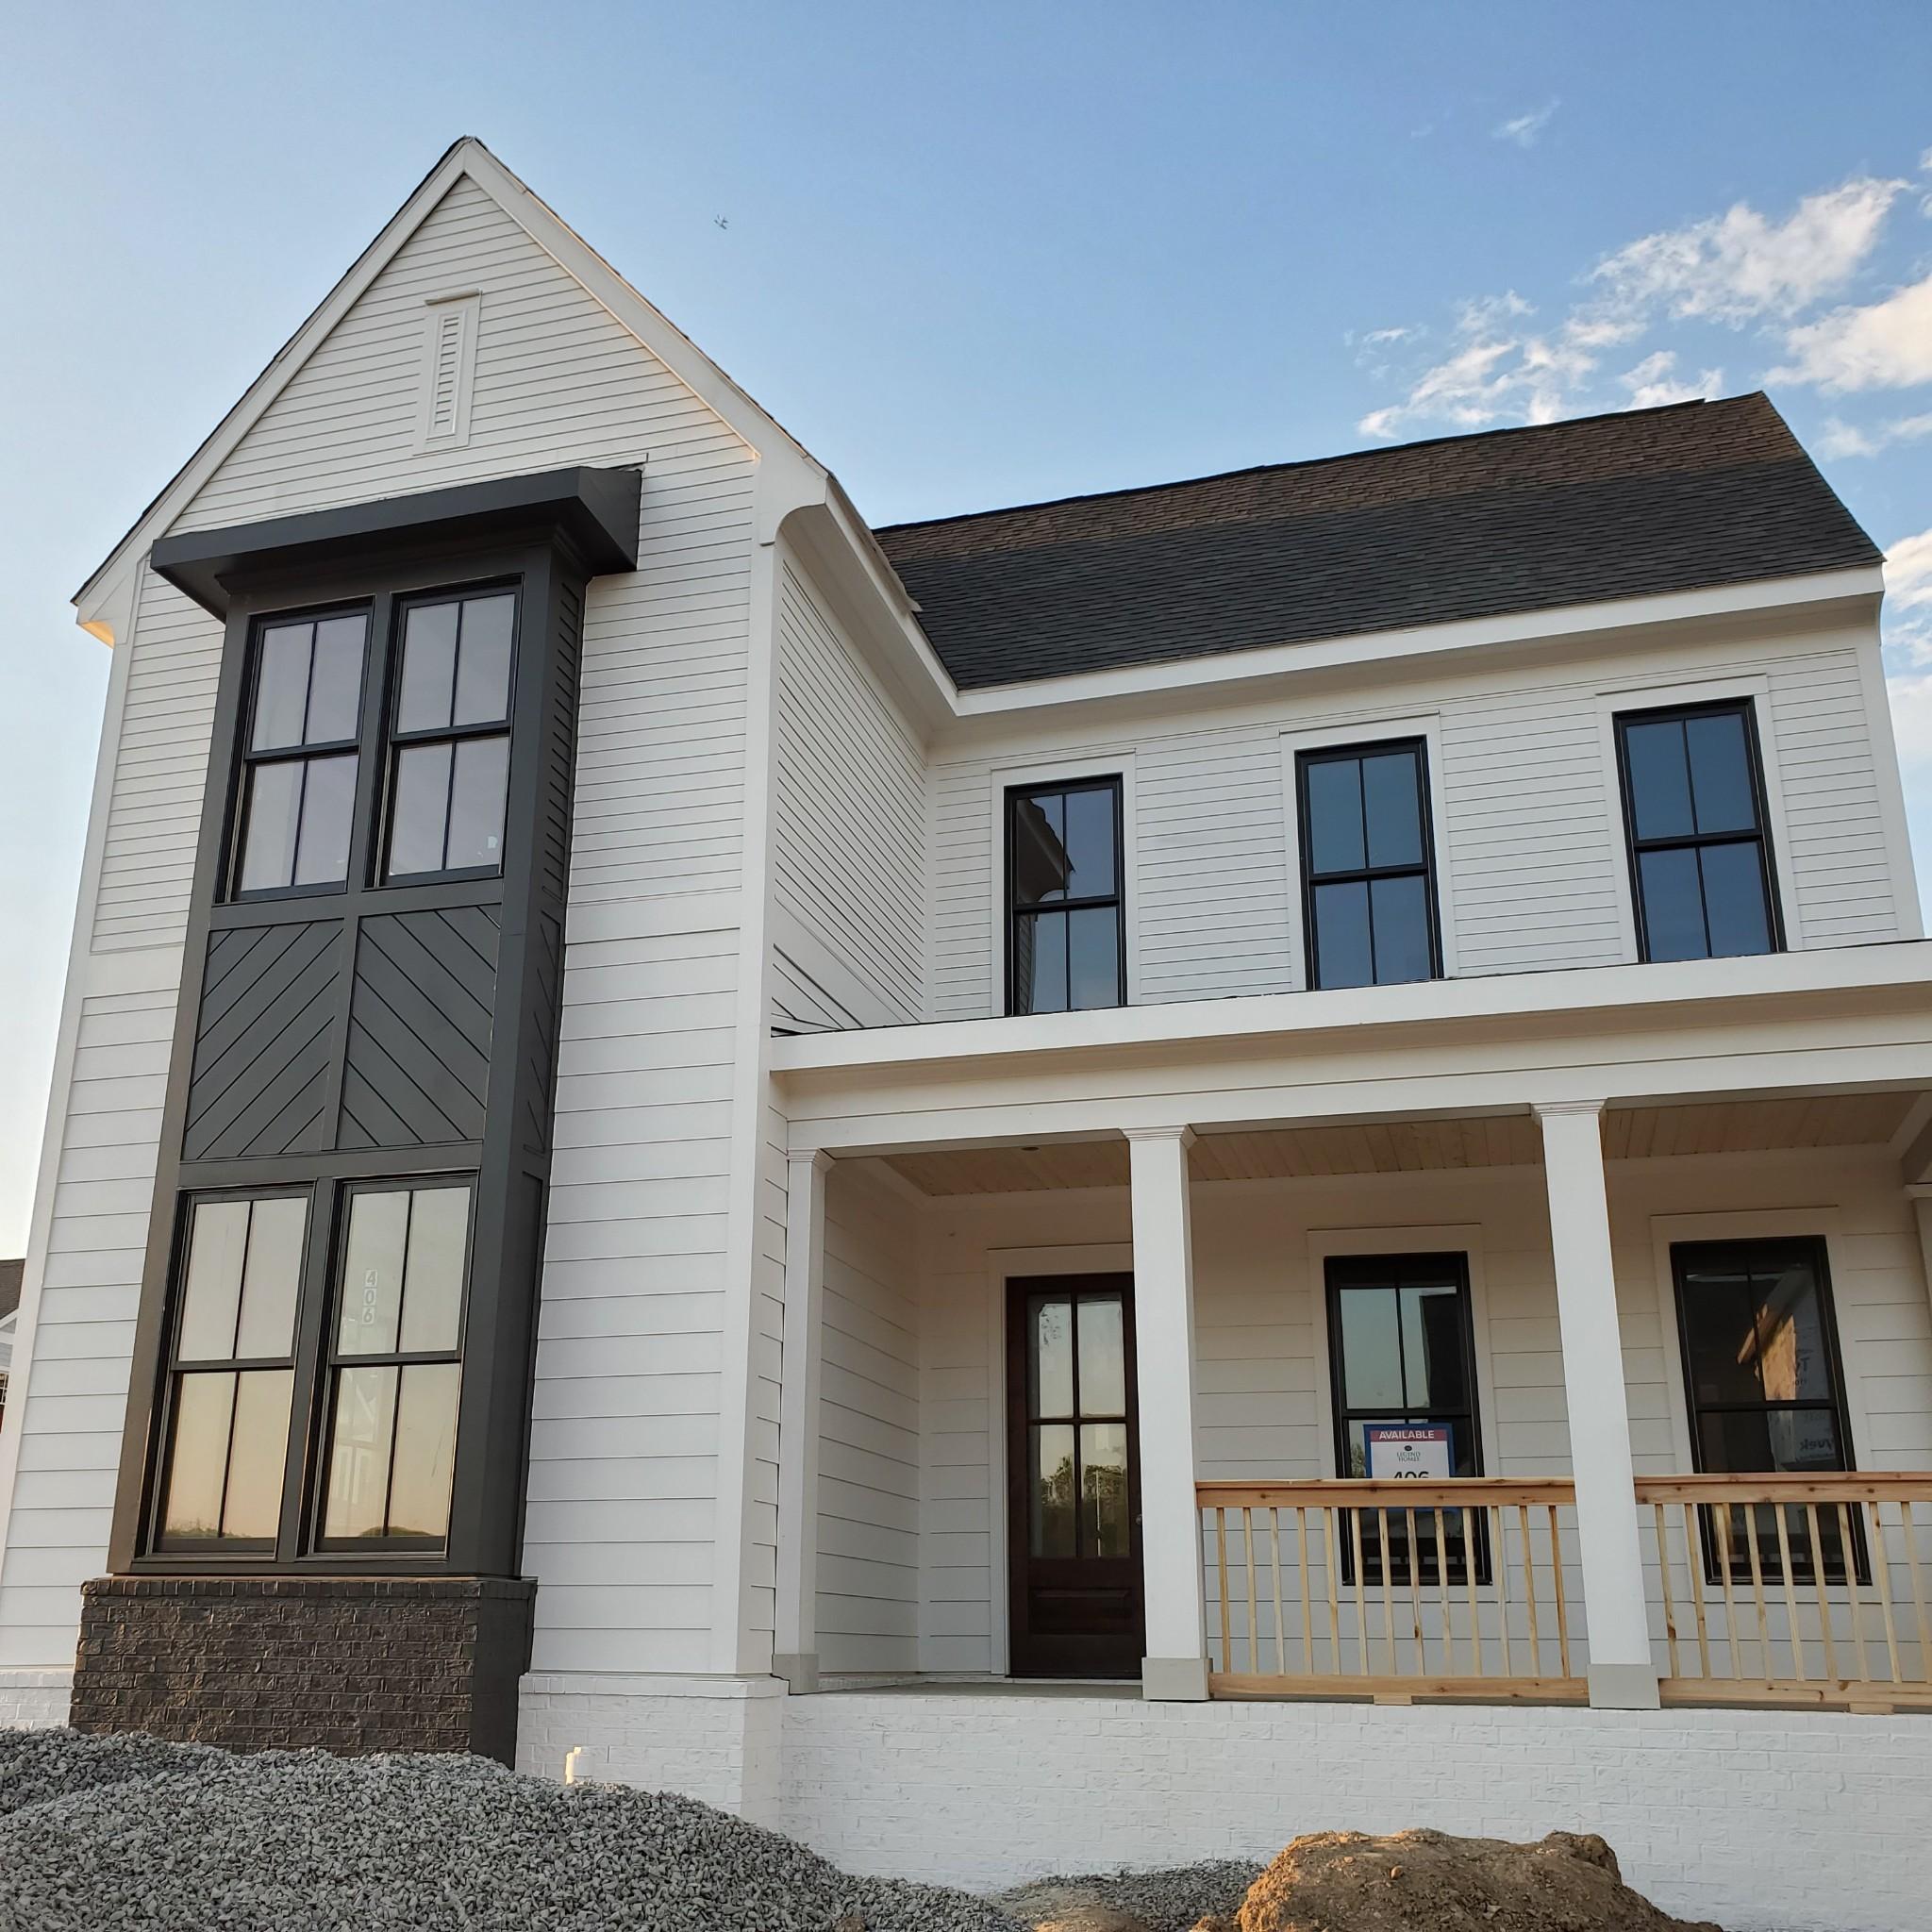 812 Carsten St-Lot 406, Bellevue, Tennessee